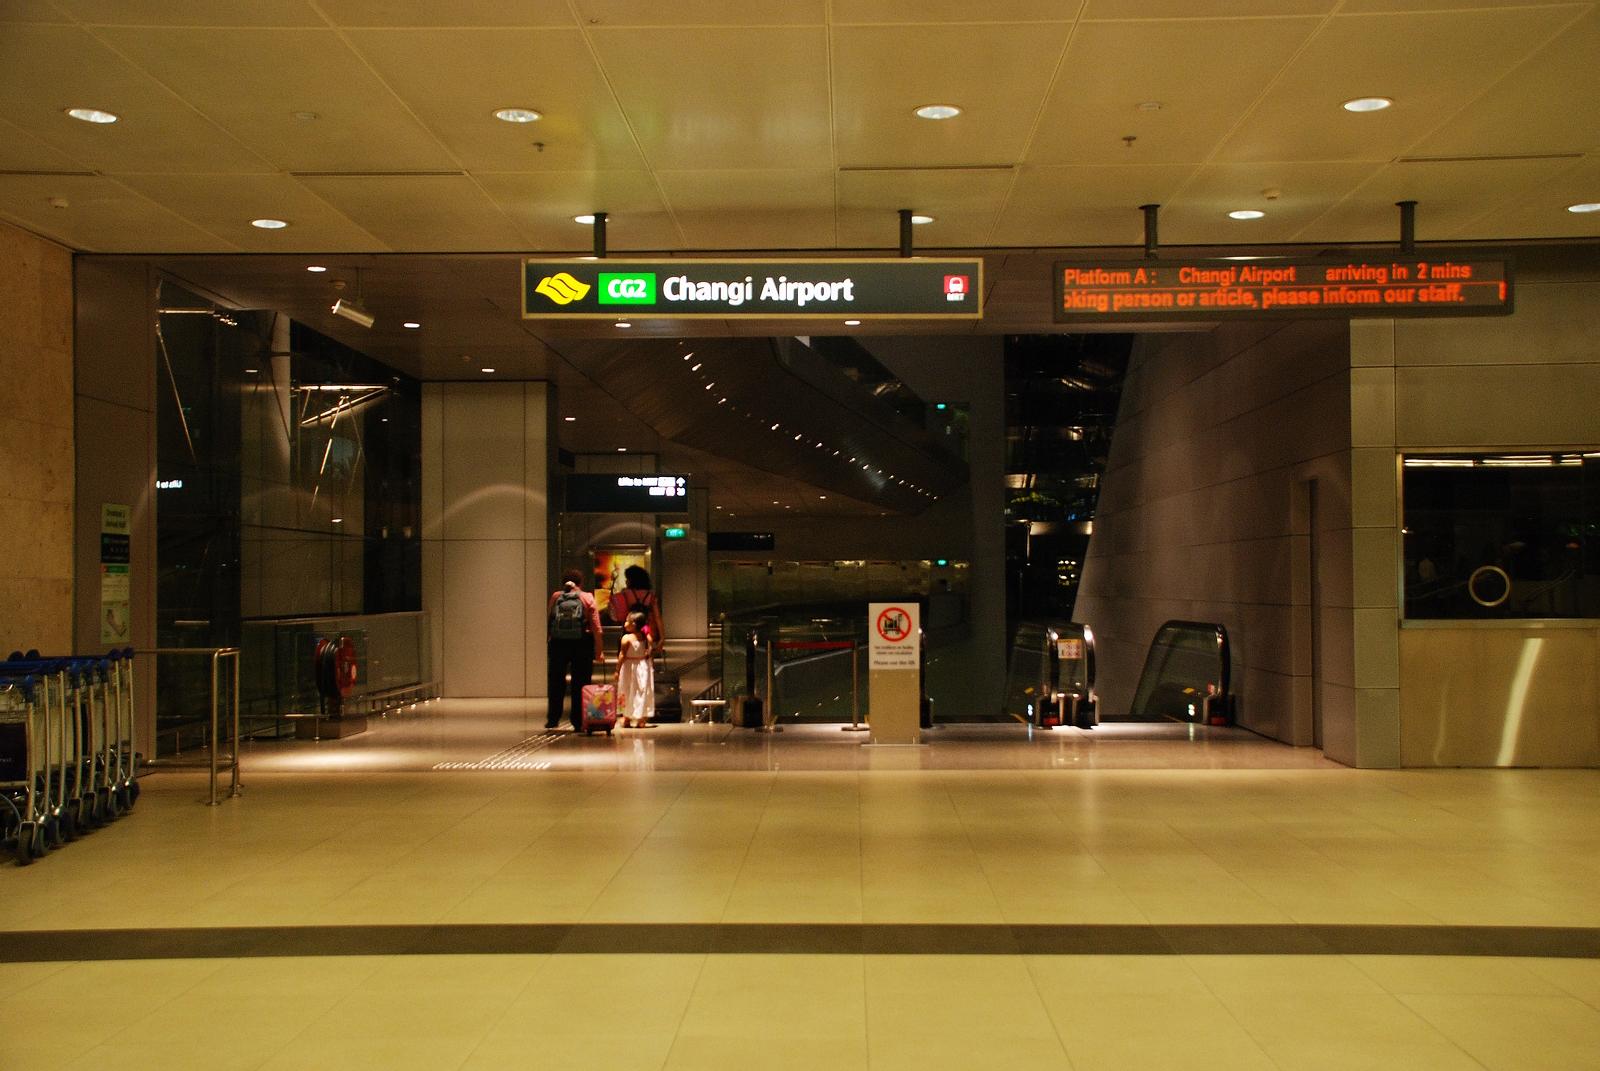 Changi Airport Hotel